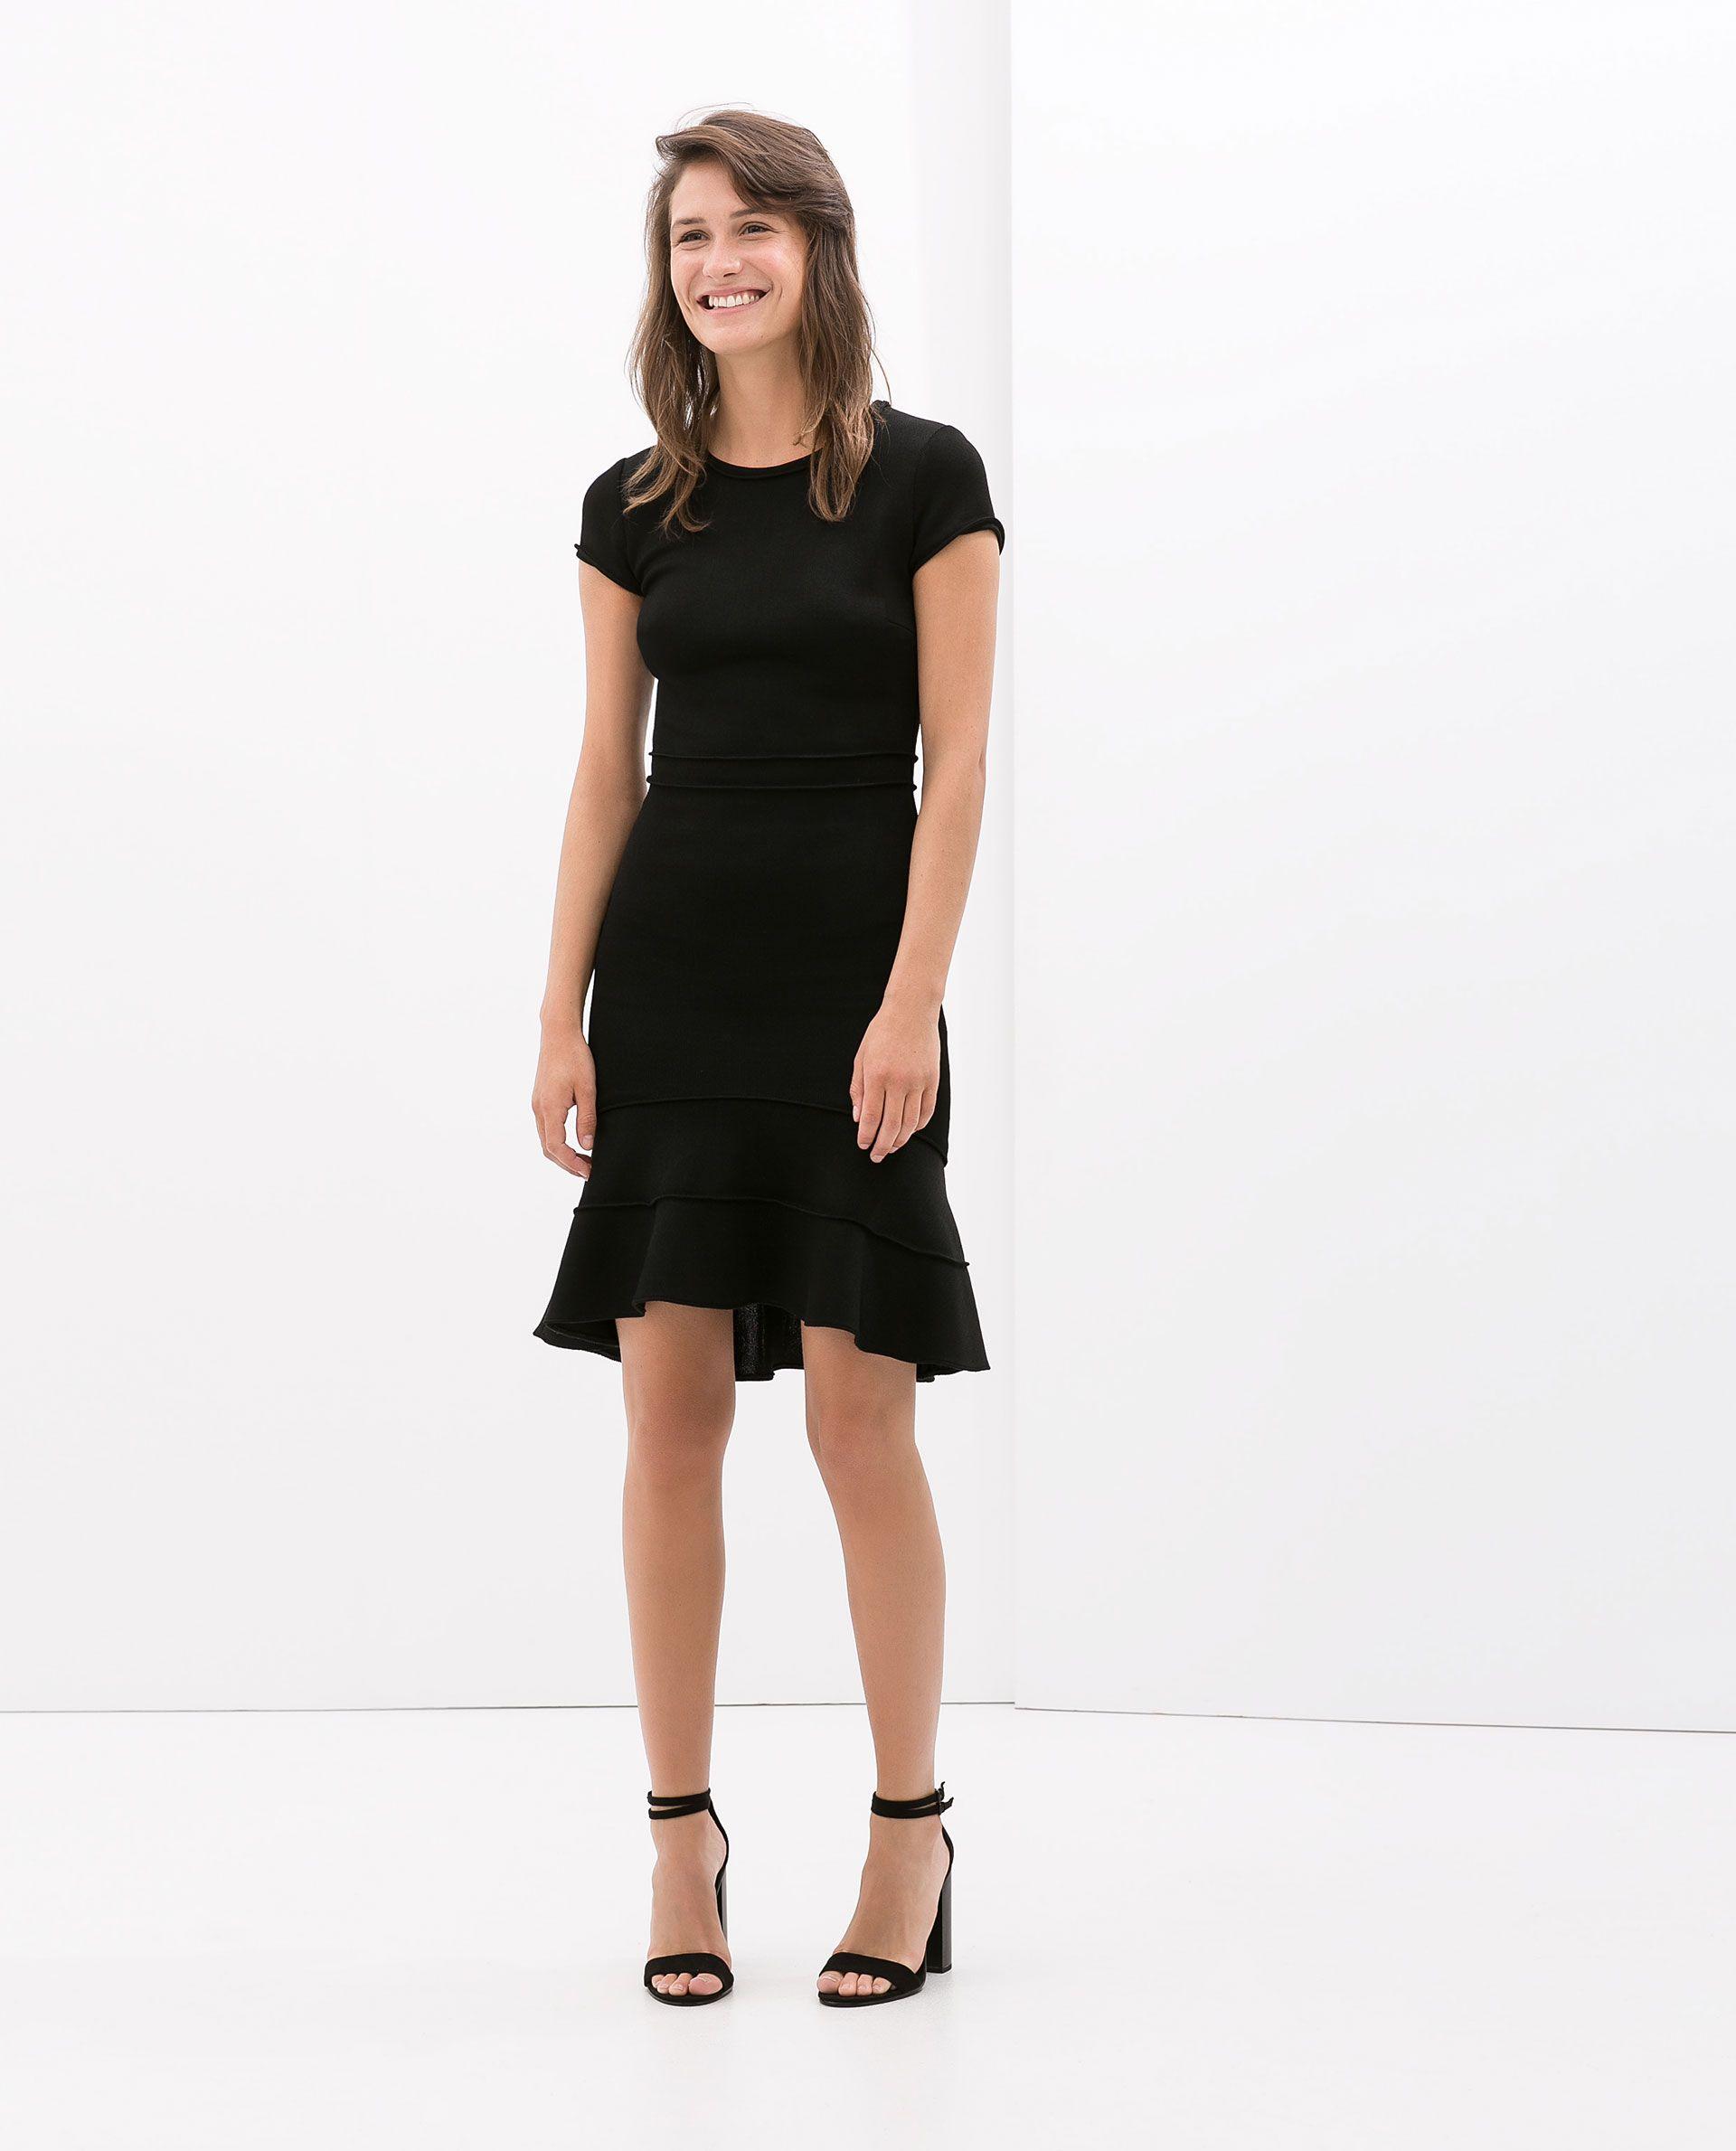 Colección Vestido Vestidos Zara BajoCostura Volante Aw14 qzjSMVGULp